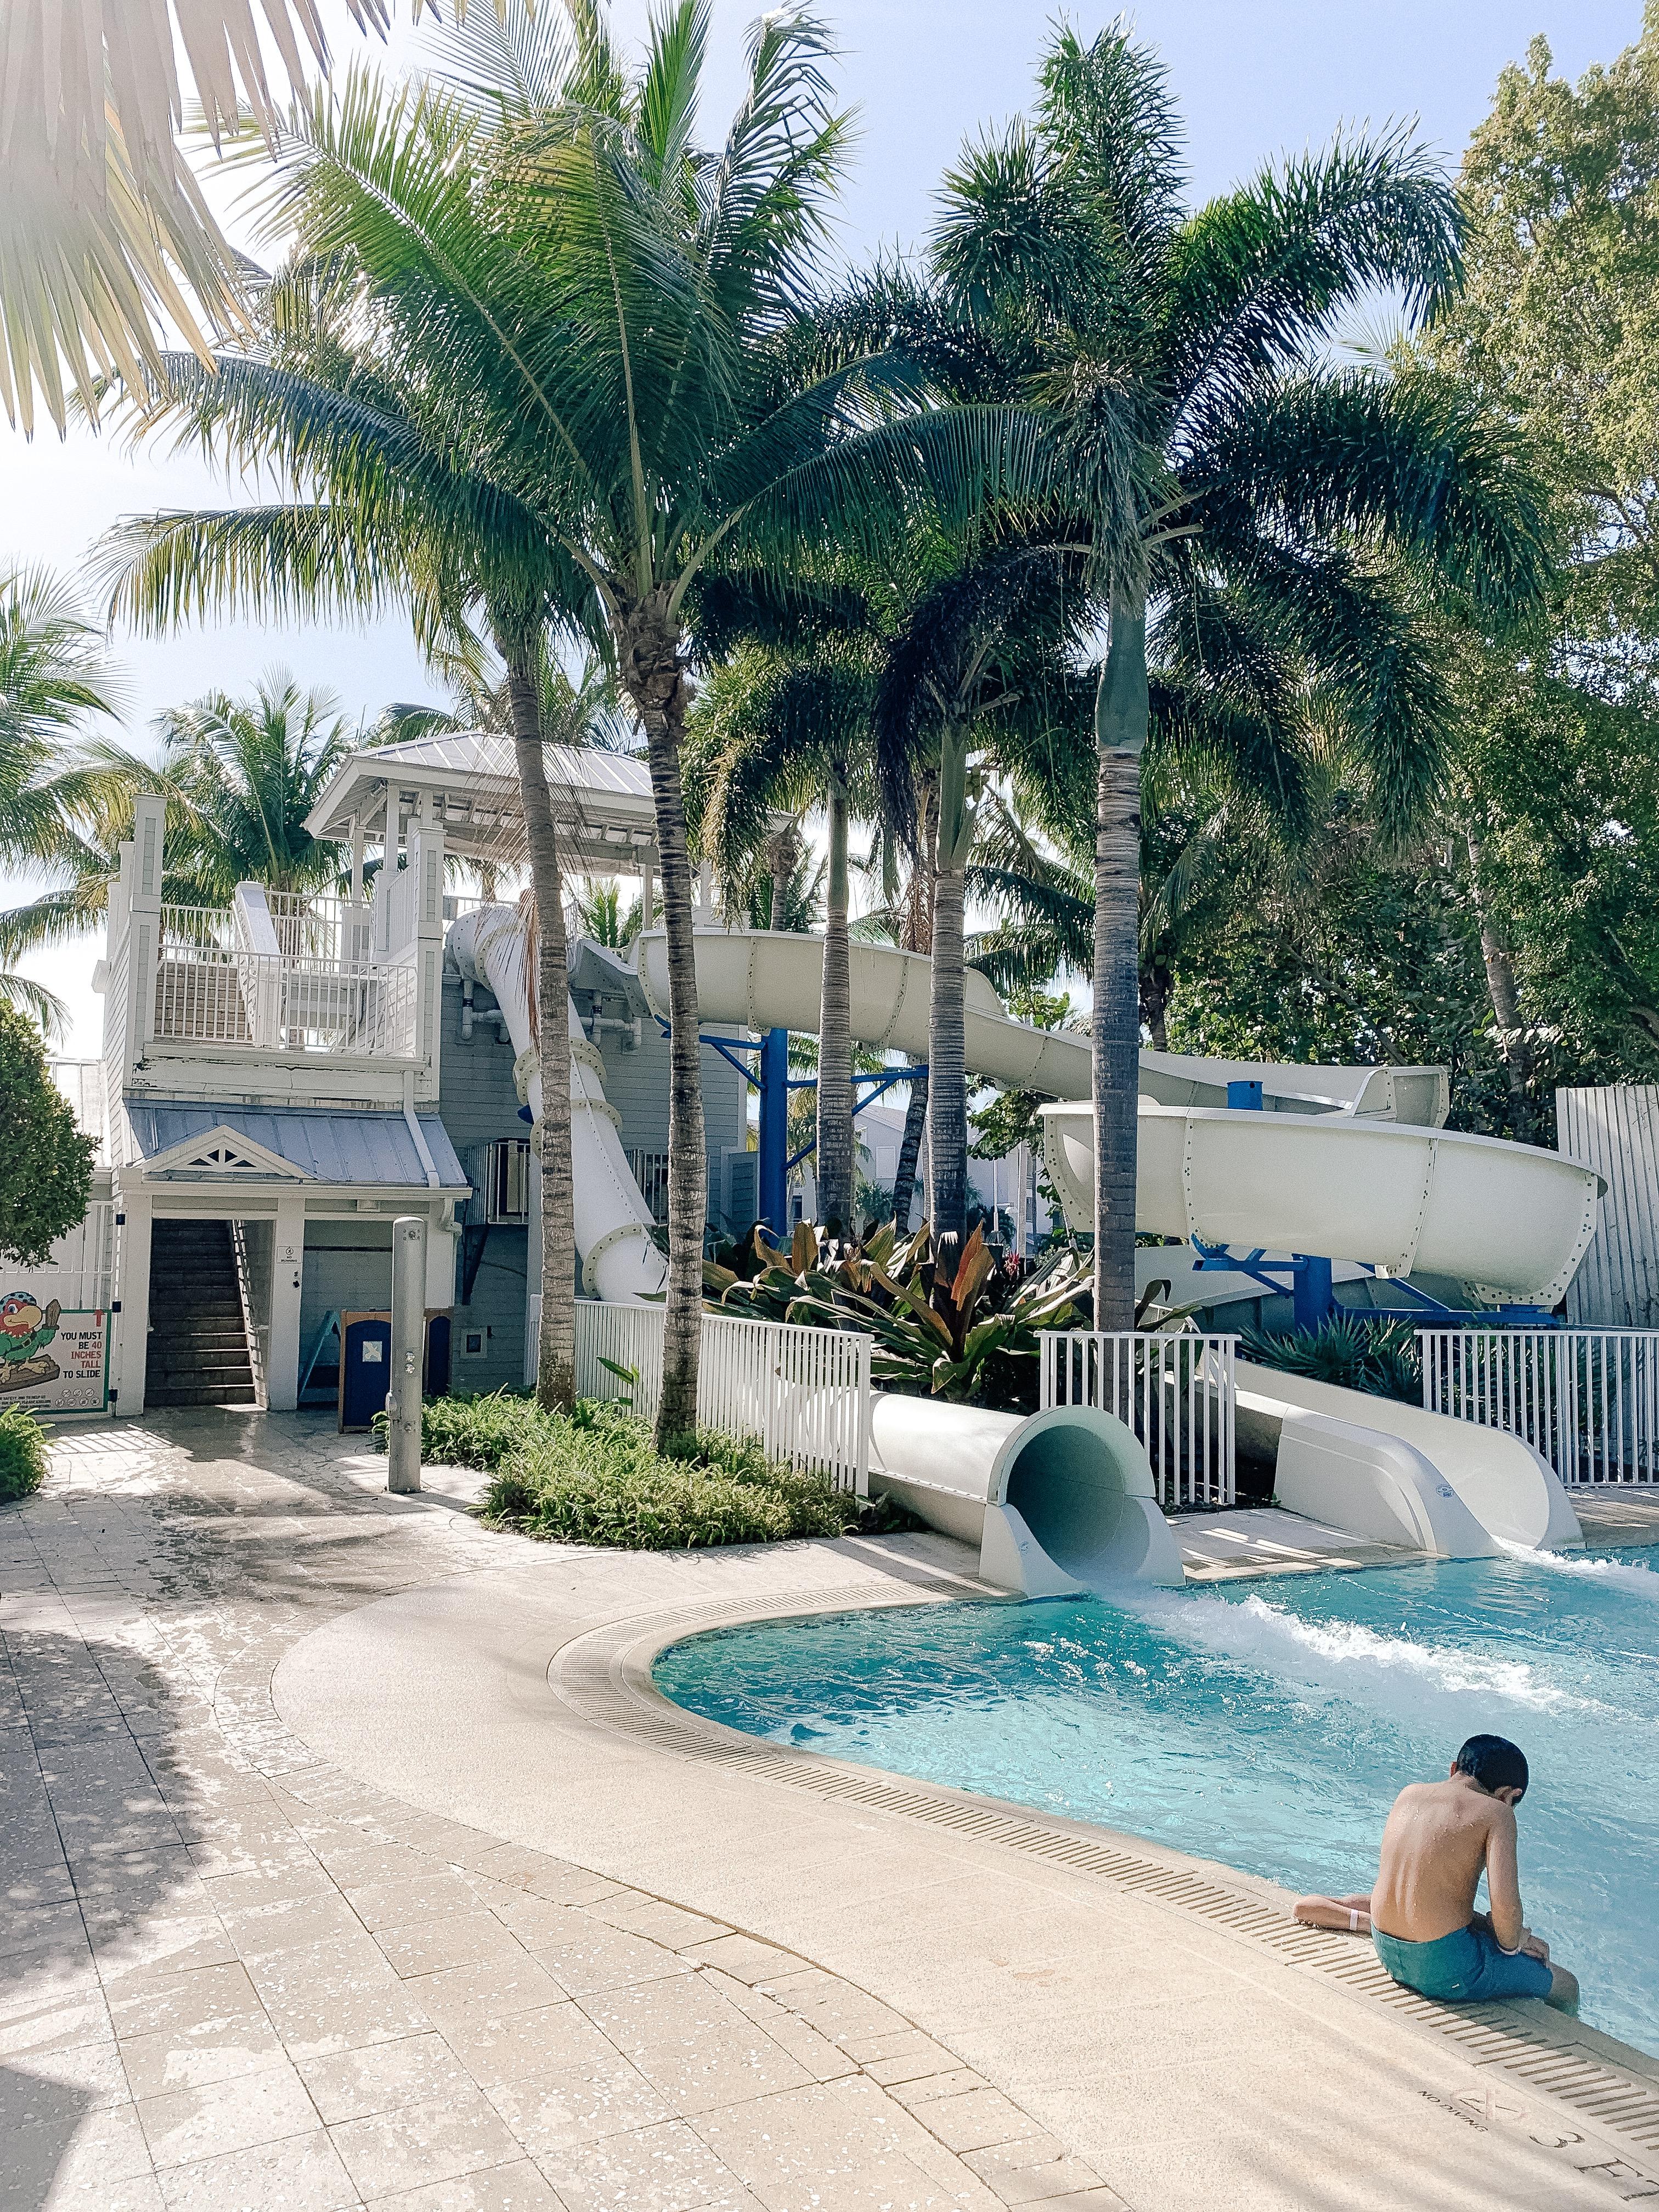 Guide to Captiva, Florida - pool